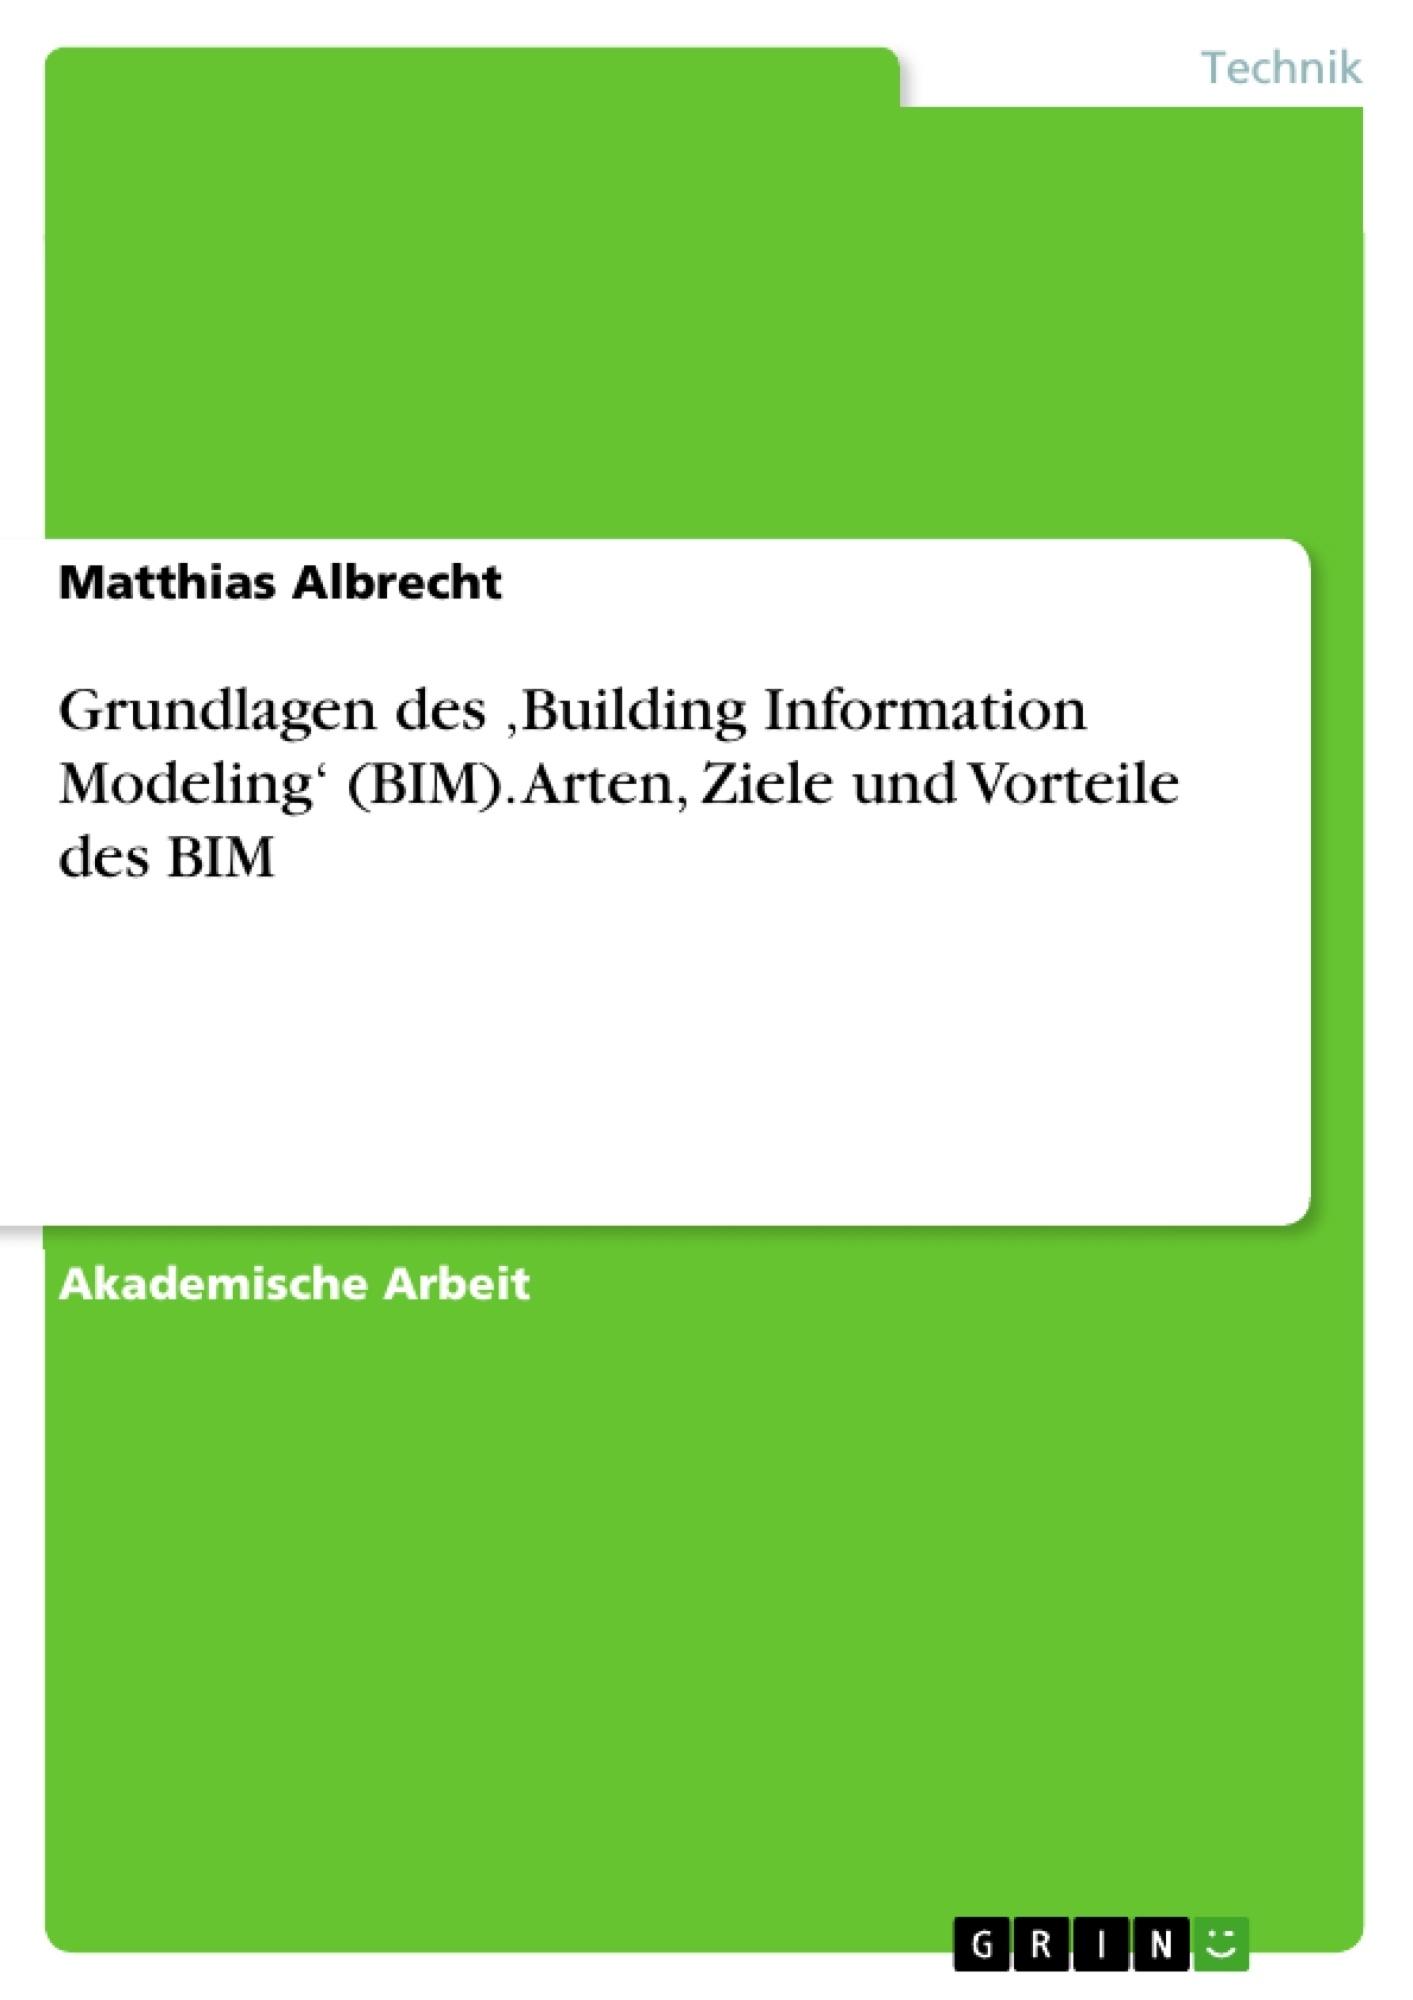 Titel: Grundlagen des 'Building Information Modeling' (BIM). Arten, Ziele und Vorteile des BIM